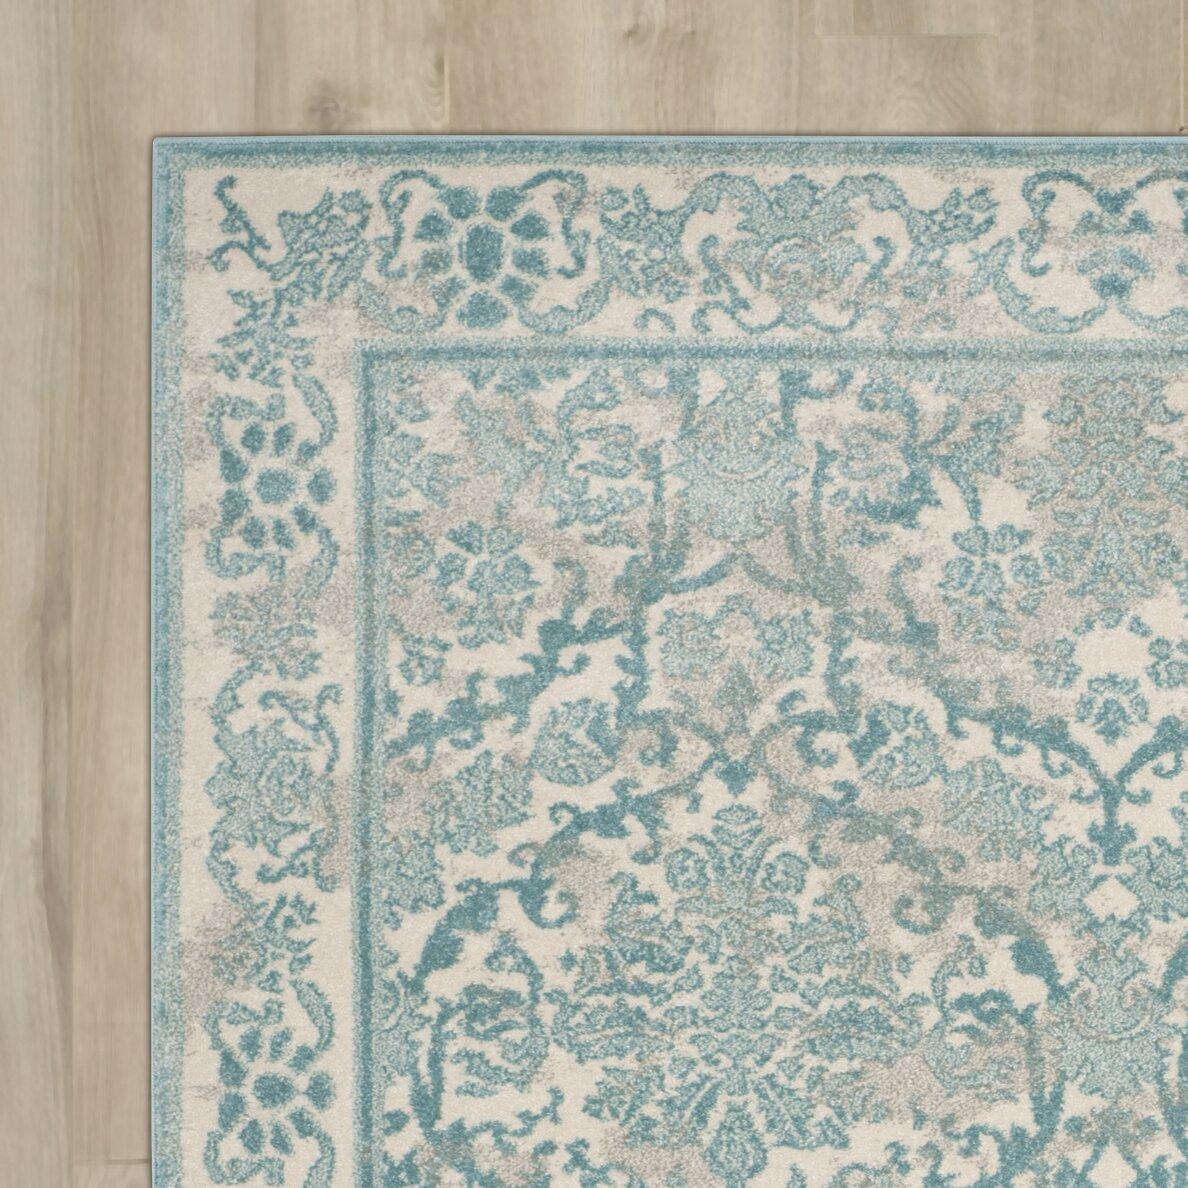 lark manor montelimar ivory light blue area rug reviews wayfair. Black Bedroom Furniture Sets. Home Design Ideas